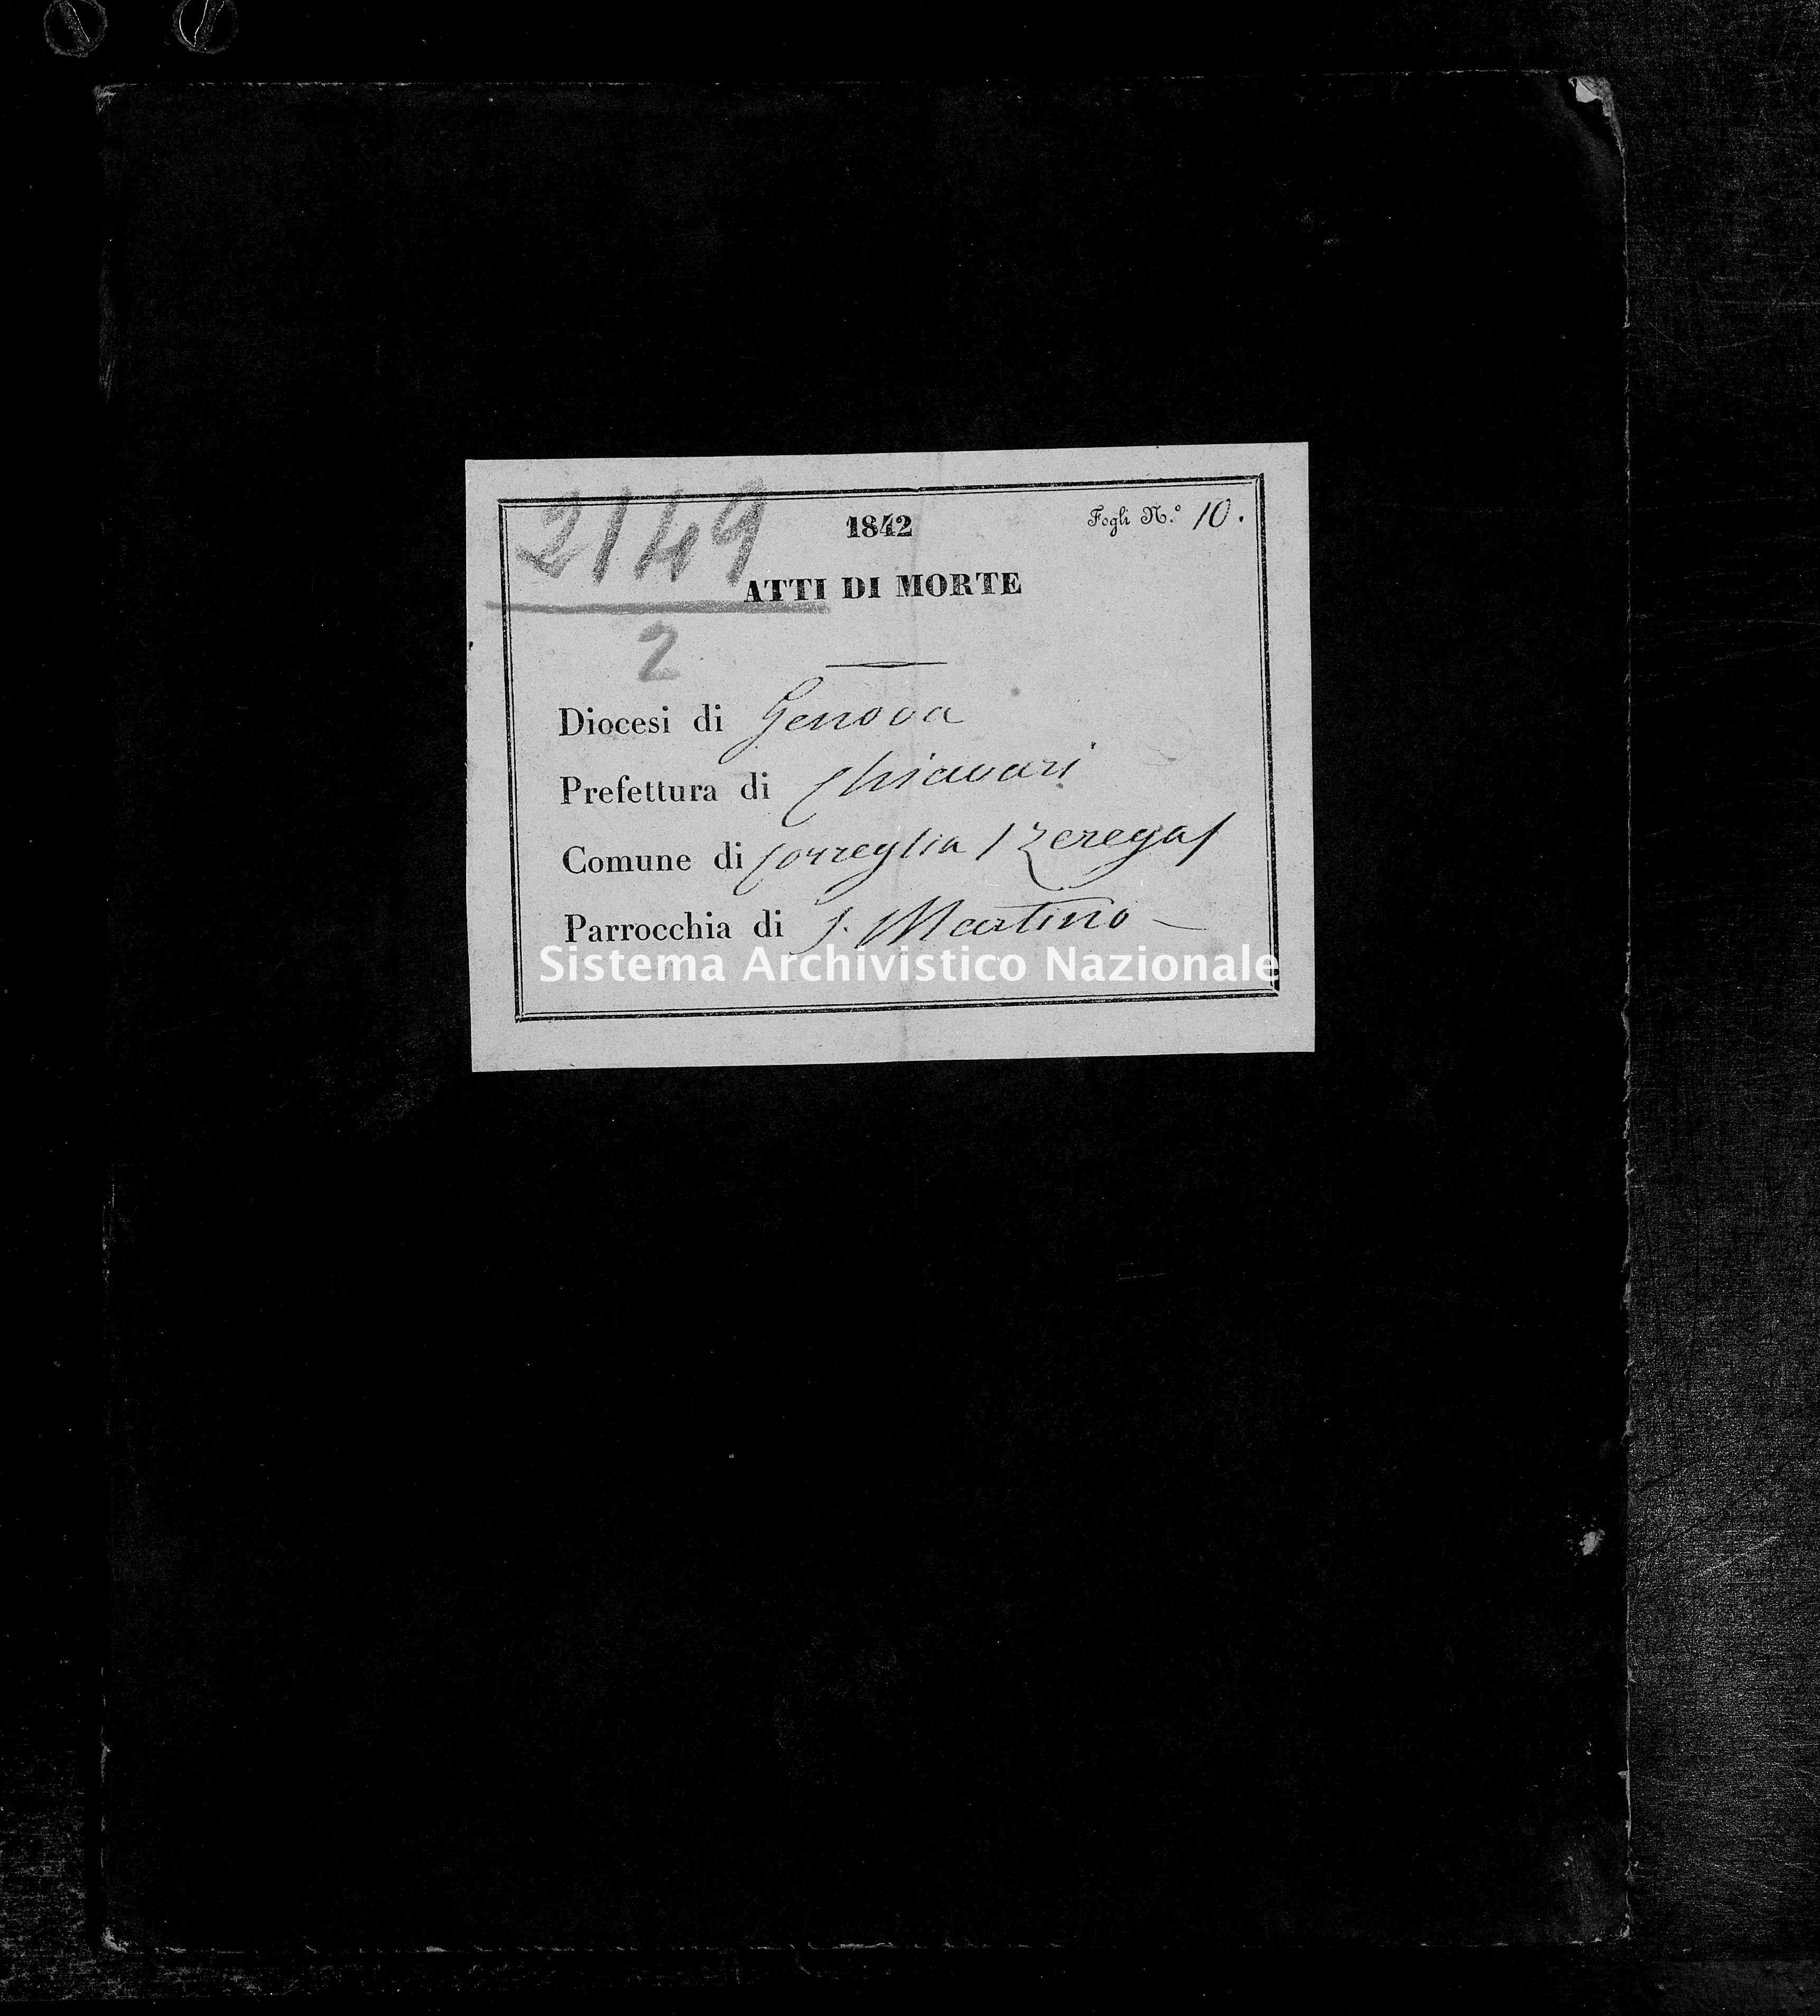 Archivio di stato di Genova - Stato civile della restaurazione - Zerrega-(Parrocchia-di-San-Martino) - Morti - 1842 - 118 -